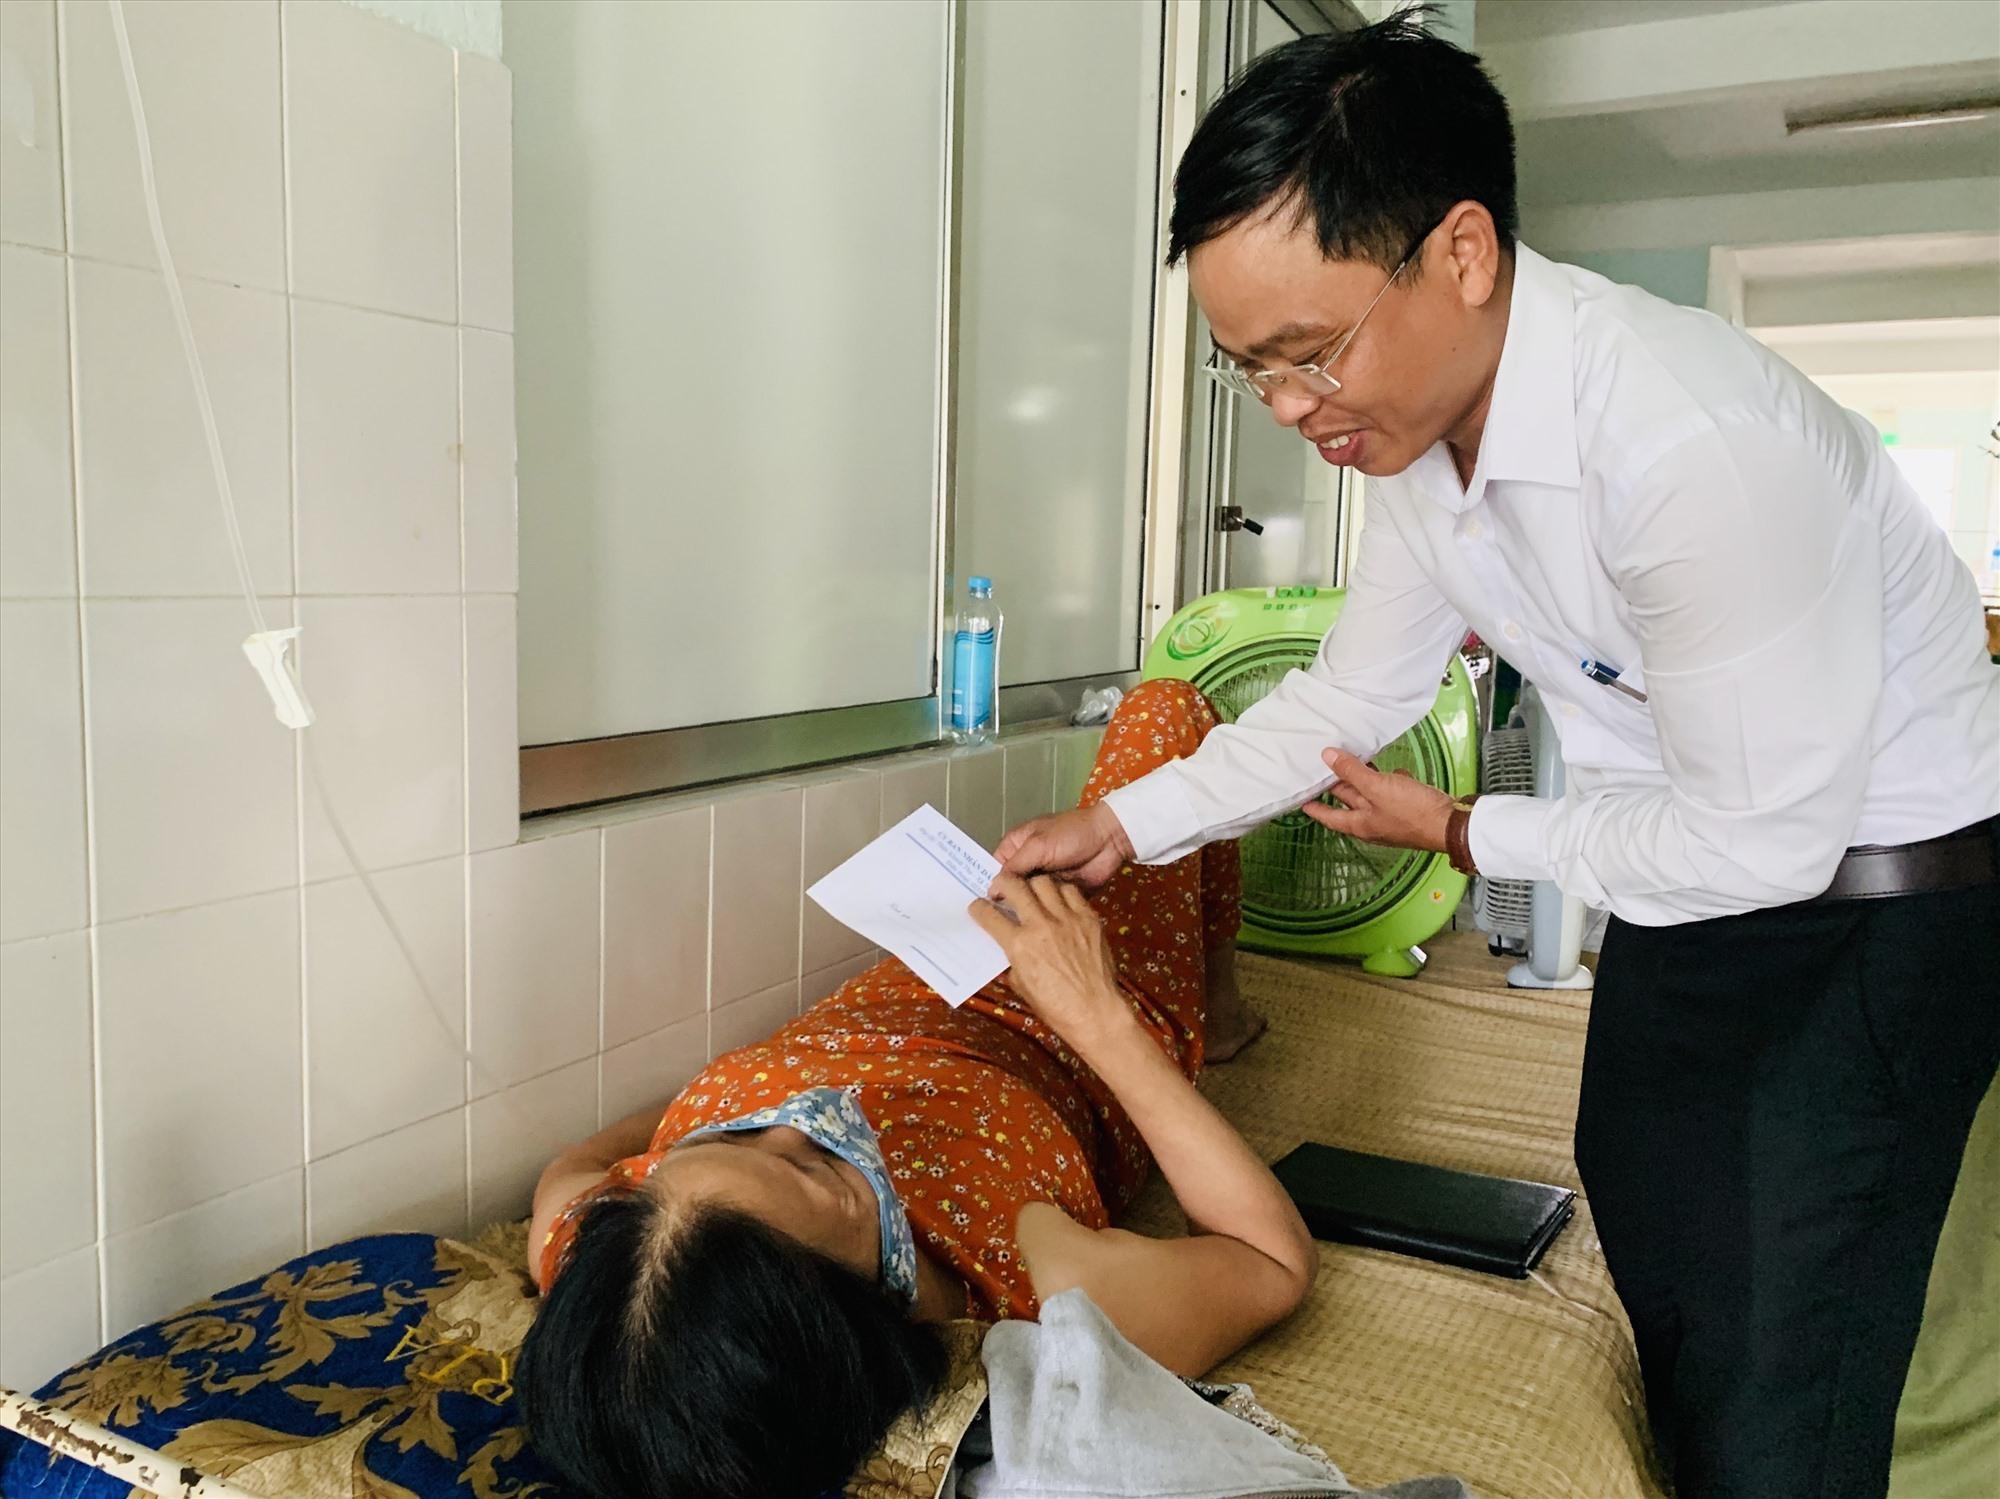 Ông Phan Văn Phẩm - Chủ tịch UBND xã Tam Thái thăm hỏi, động viên sức khỏe người dân đang nằm viện. Ảnh: PHAN VINH